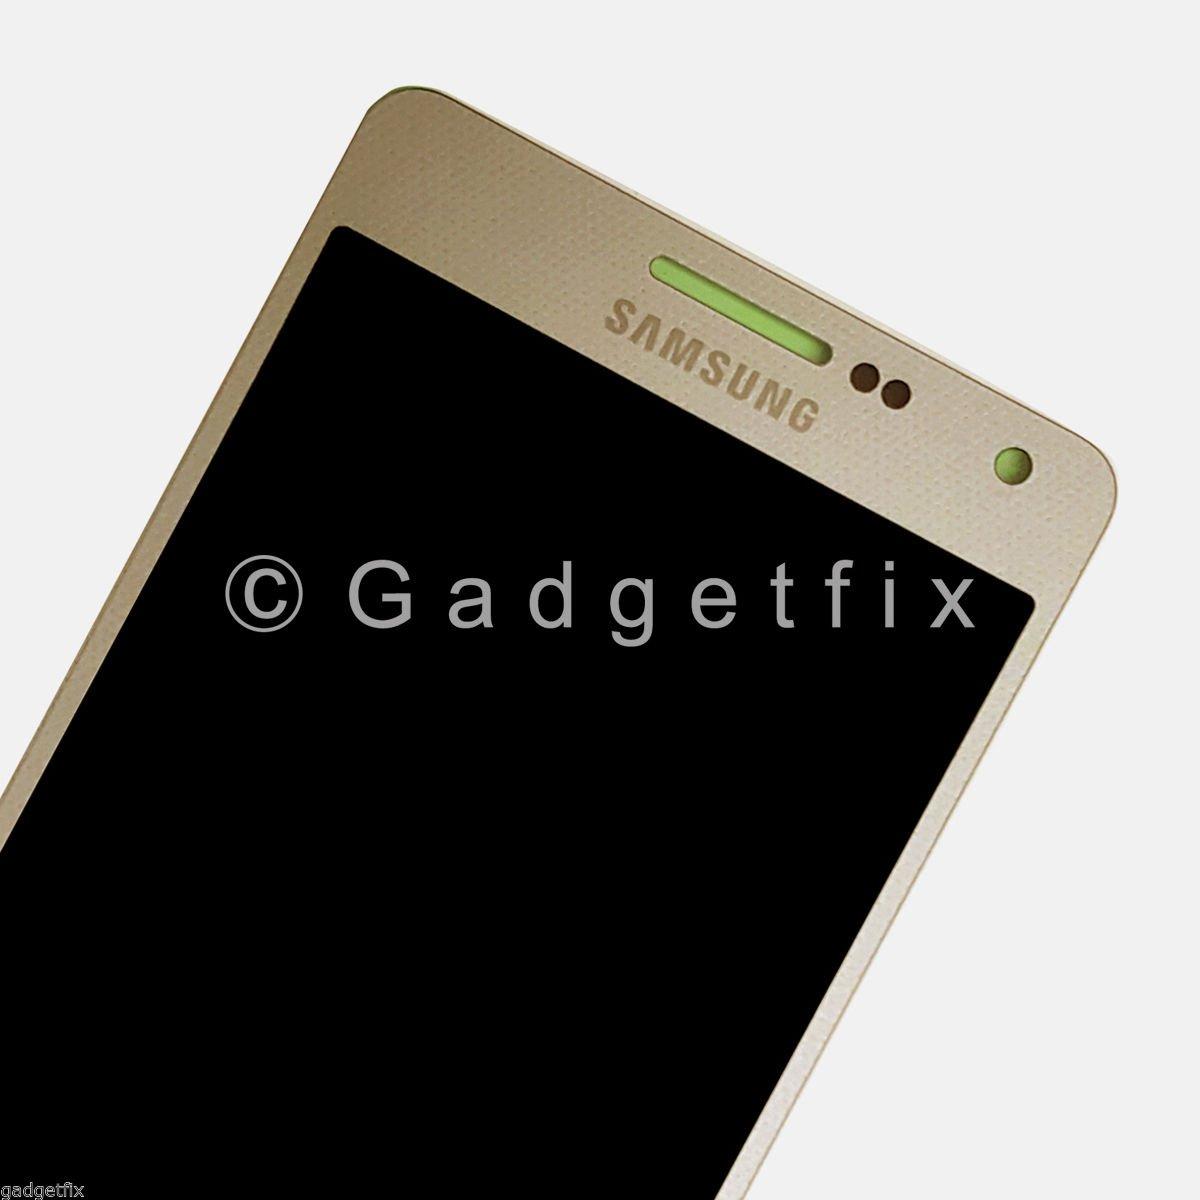 USA Gold Samsung Galaxy A5 A500H A500M A5000 A500F1 LCD